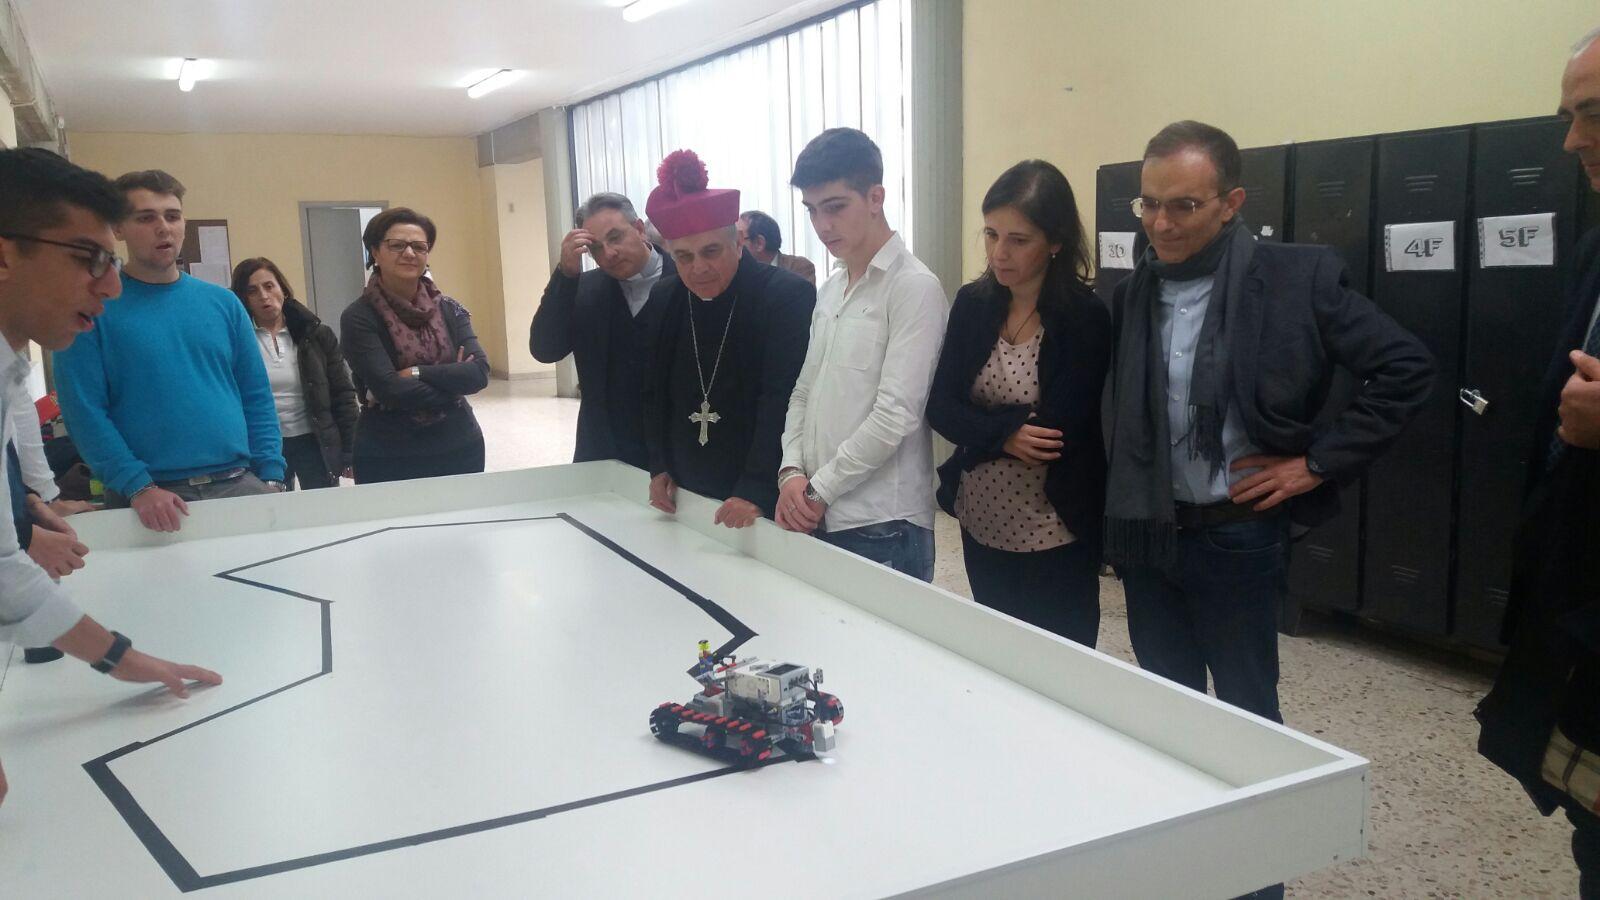 L'arcivescovo in visita all'istituto Don Milani e al liceo scientifico Fermi